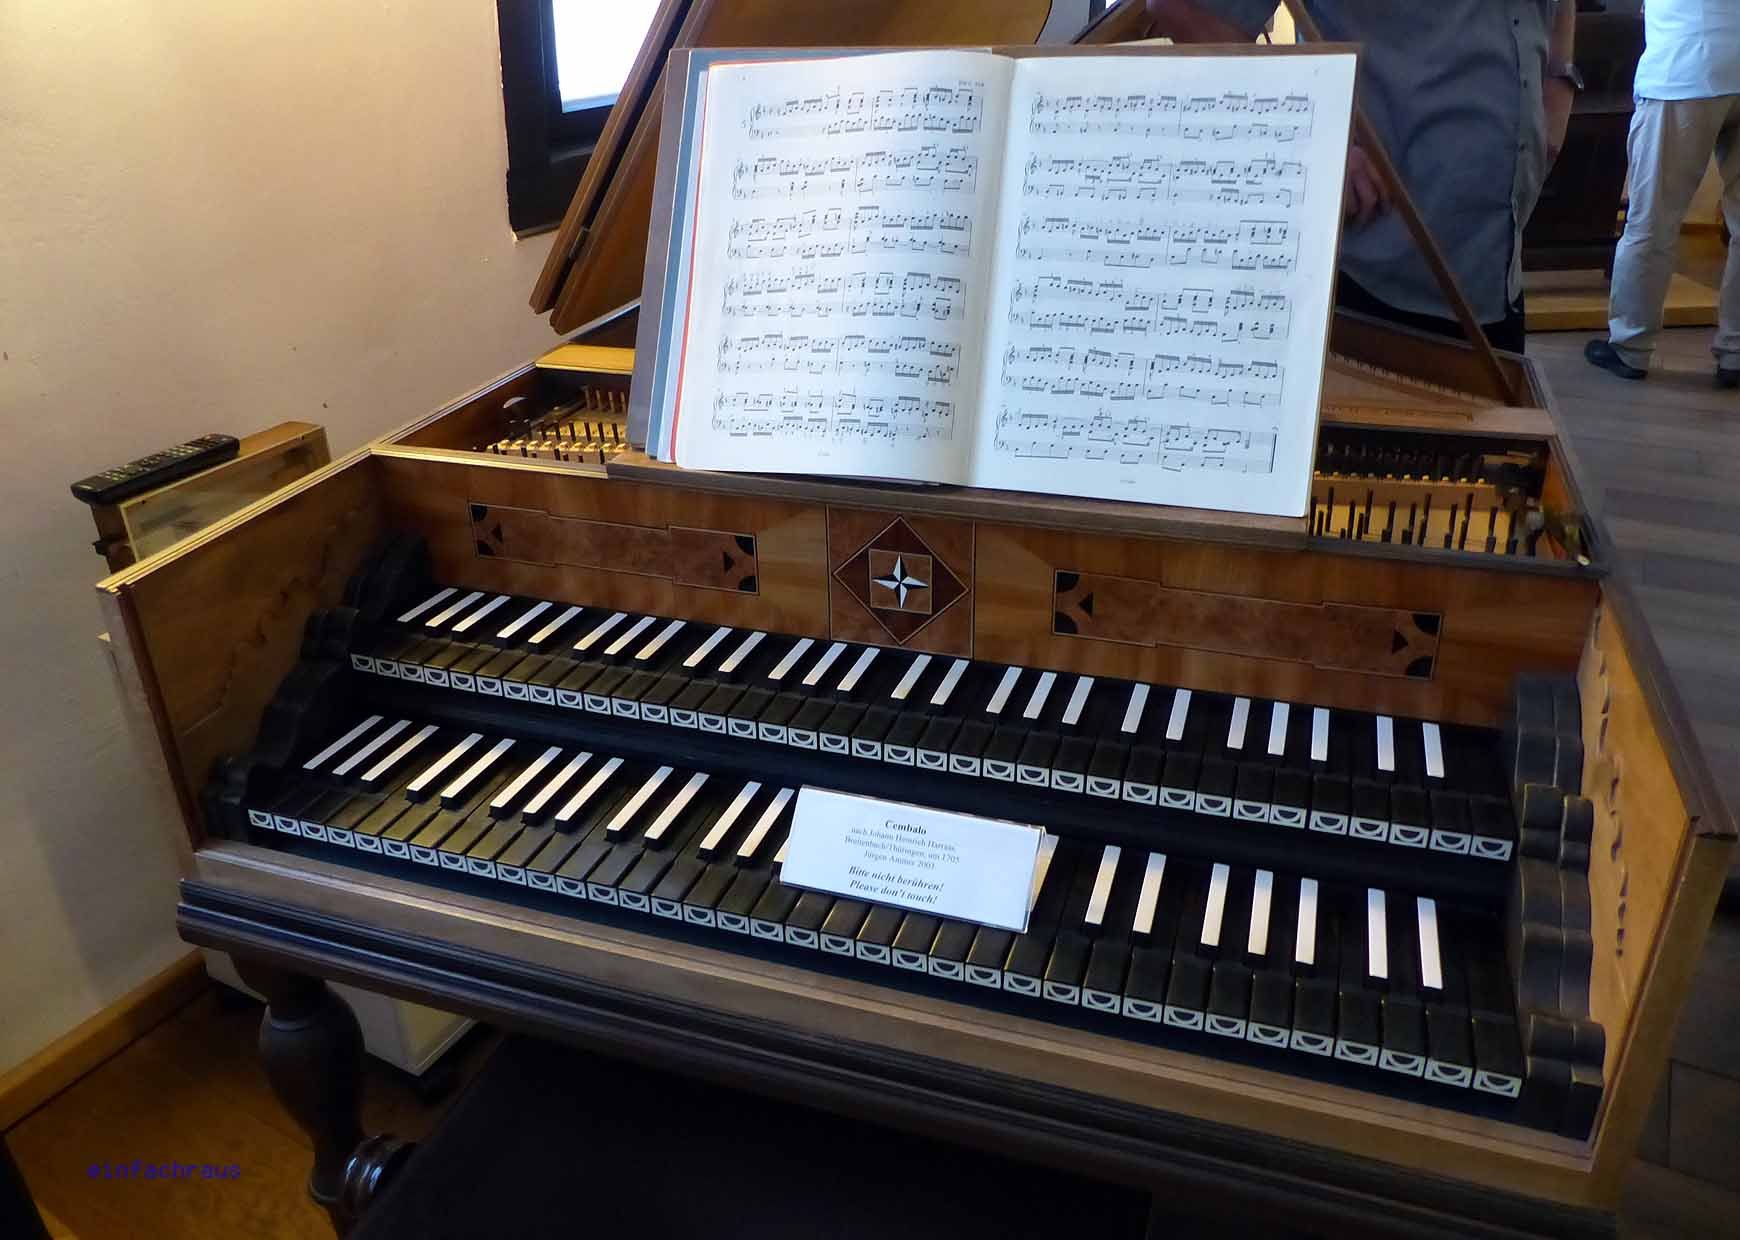 Cembalo aus der Bachzeit im Bachhaus Eisenach